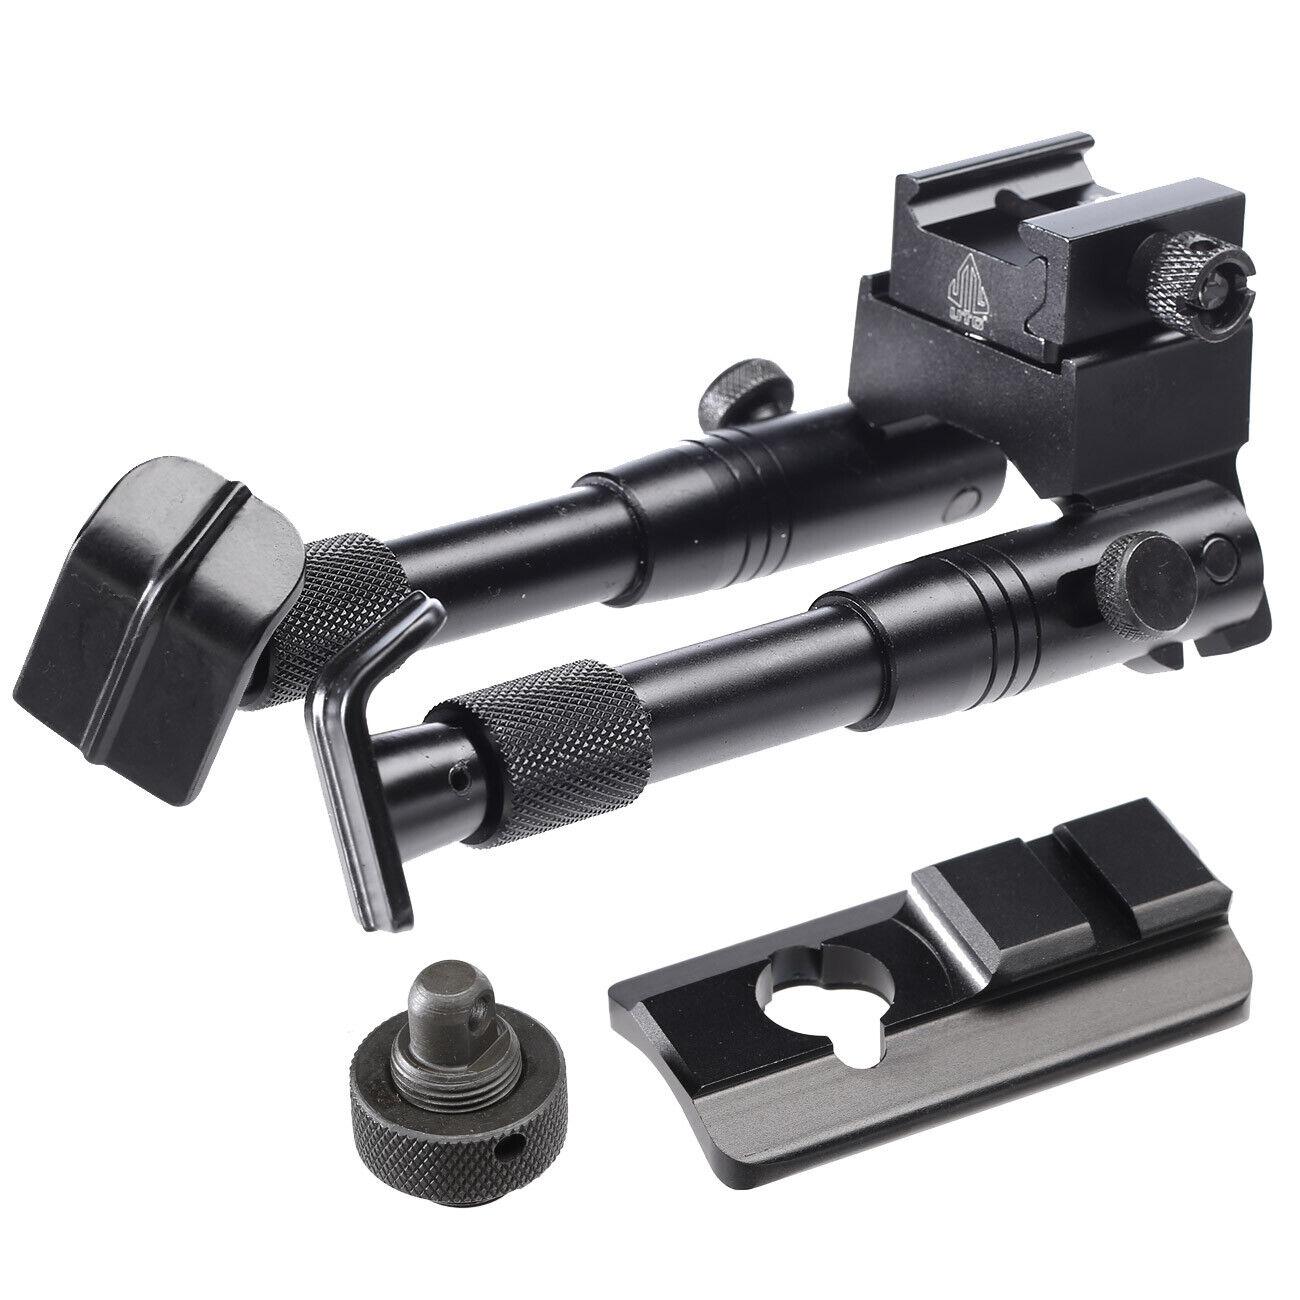 UTG Shooters Zweibein Zweibein Zweibein Combat Profile Adjustable 19cm - Metallfüße  | Haltbarkeit  | Qualitativ Hochwertiges Produkt  e8f2d2